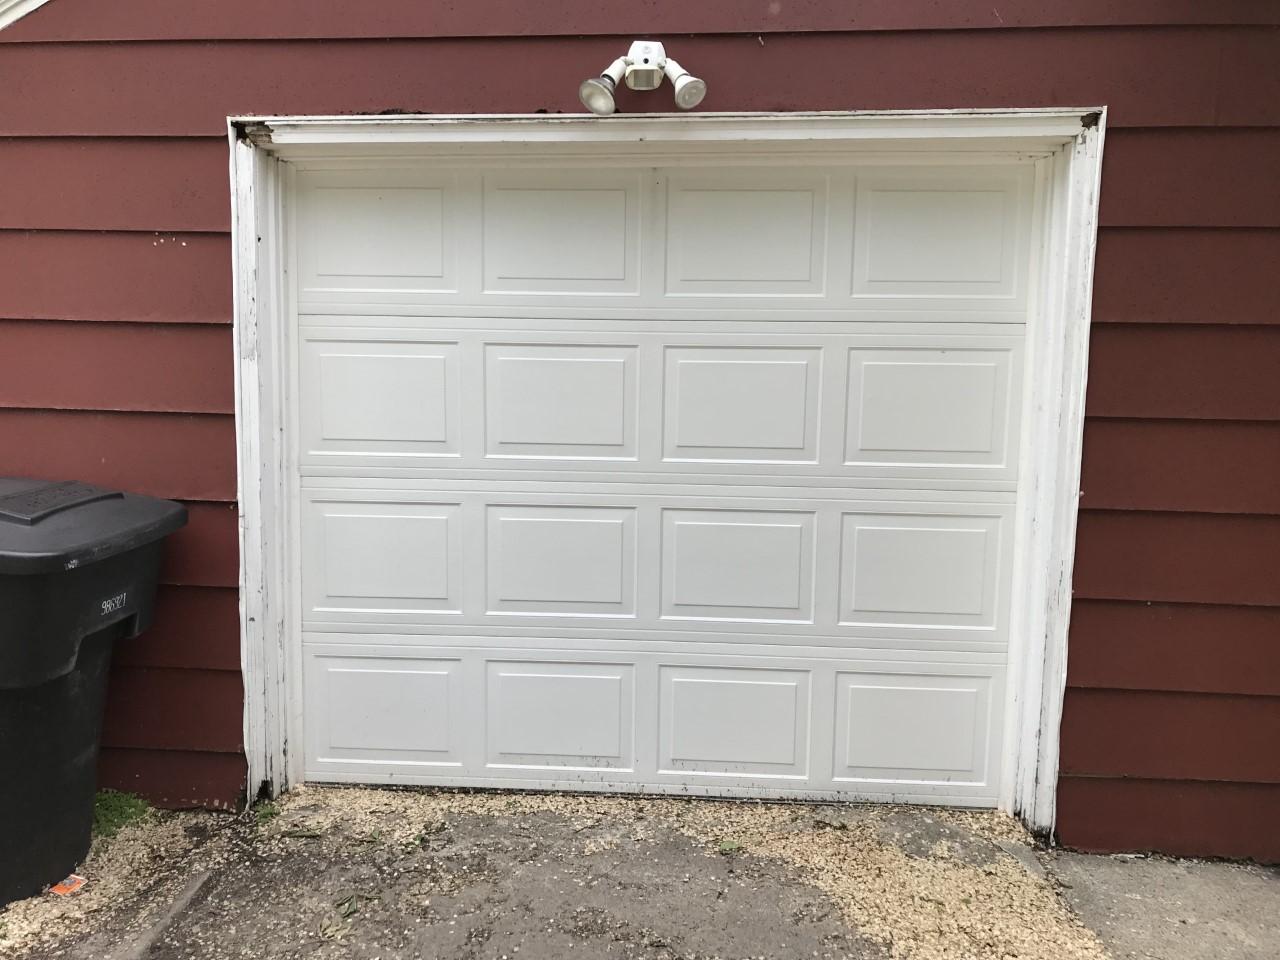 Garage Door Before Trim Update